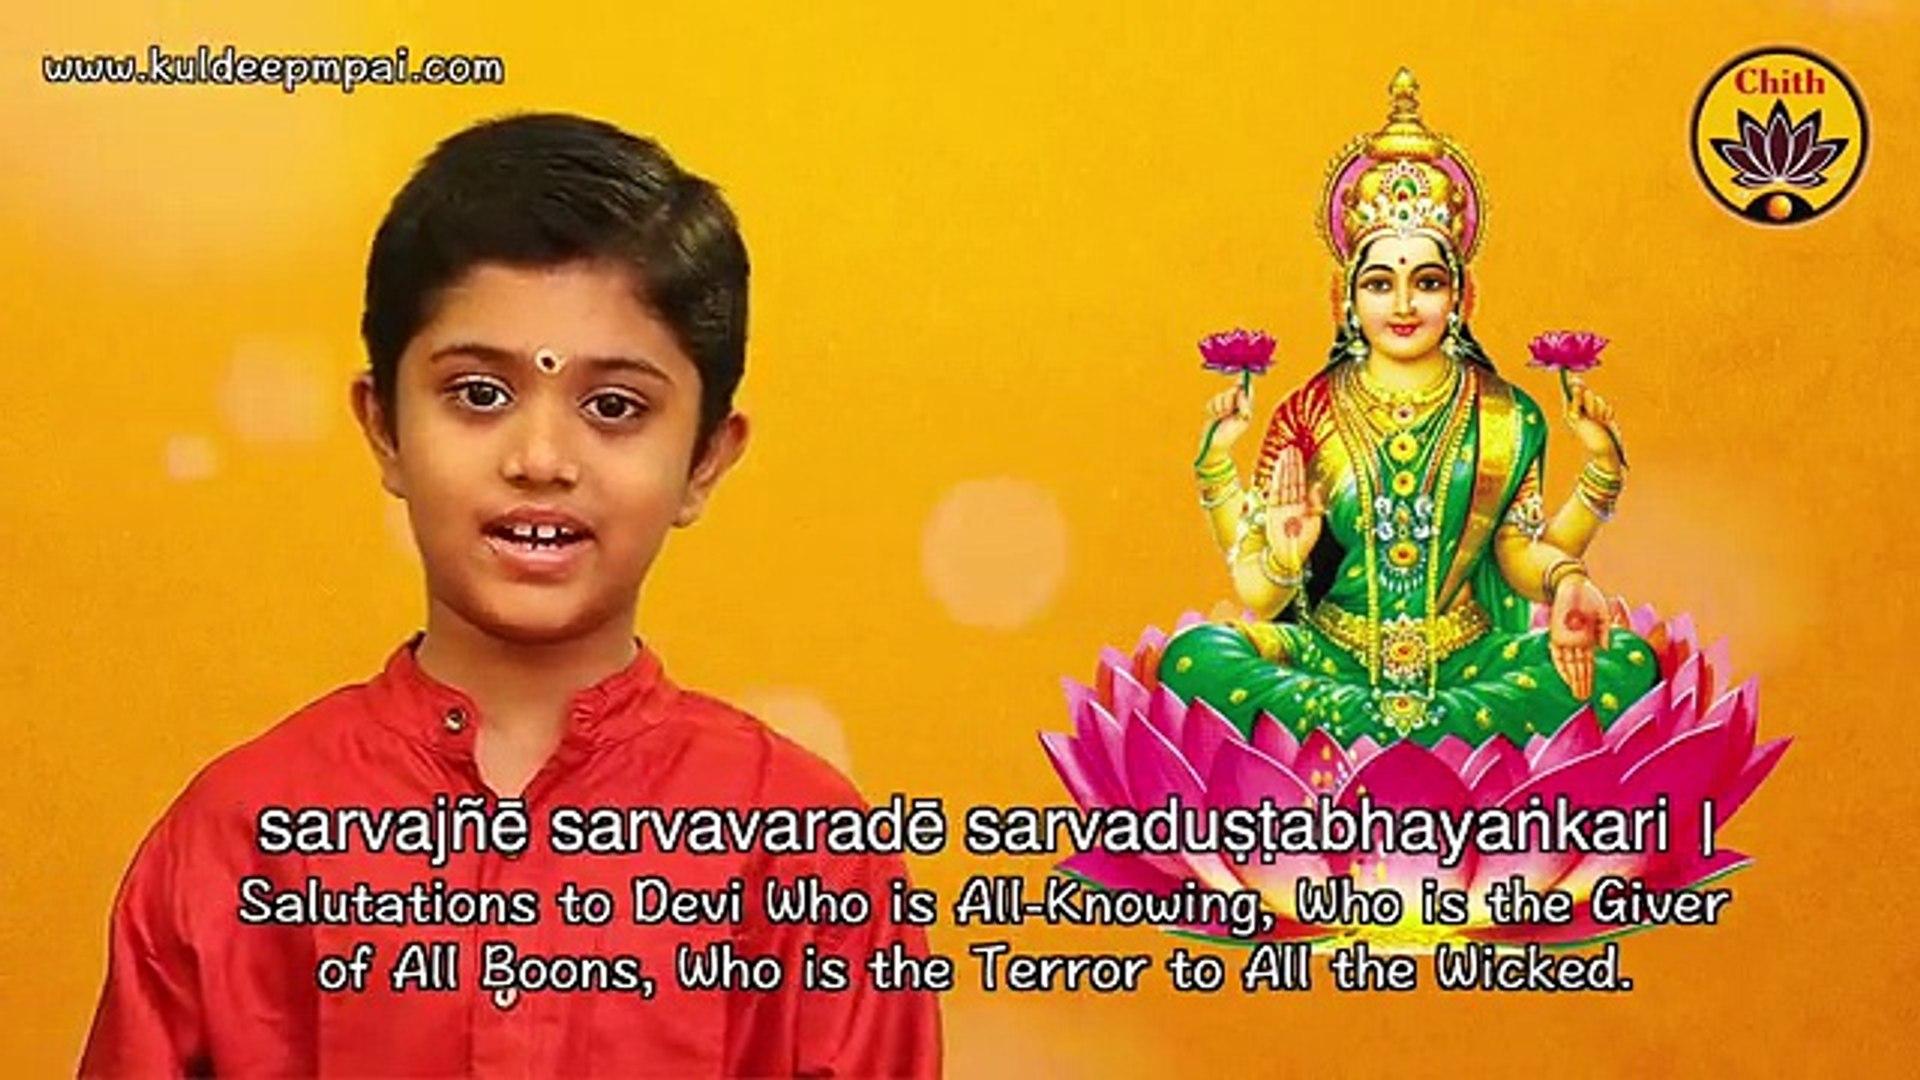 Ram Hari Govind Rahul Vellal